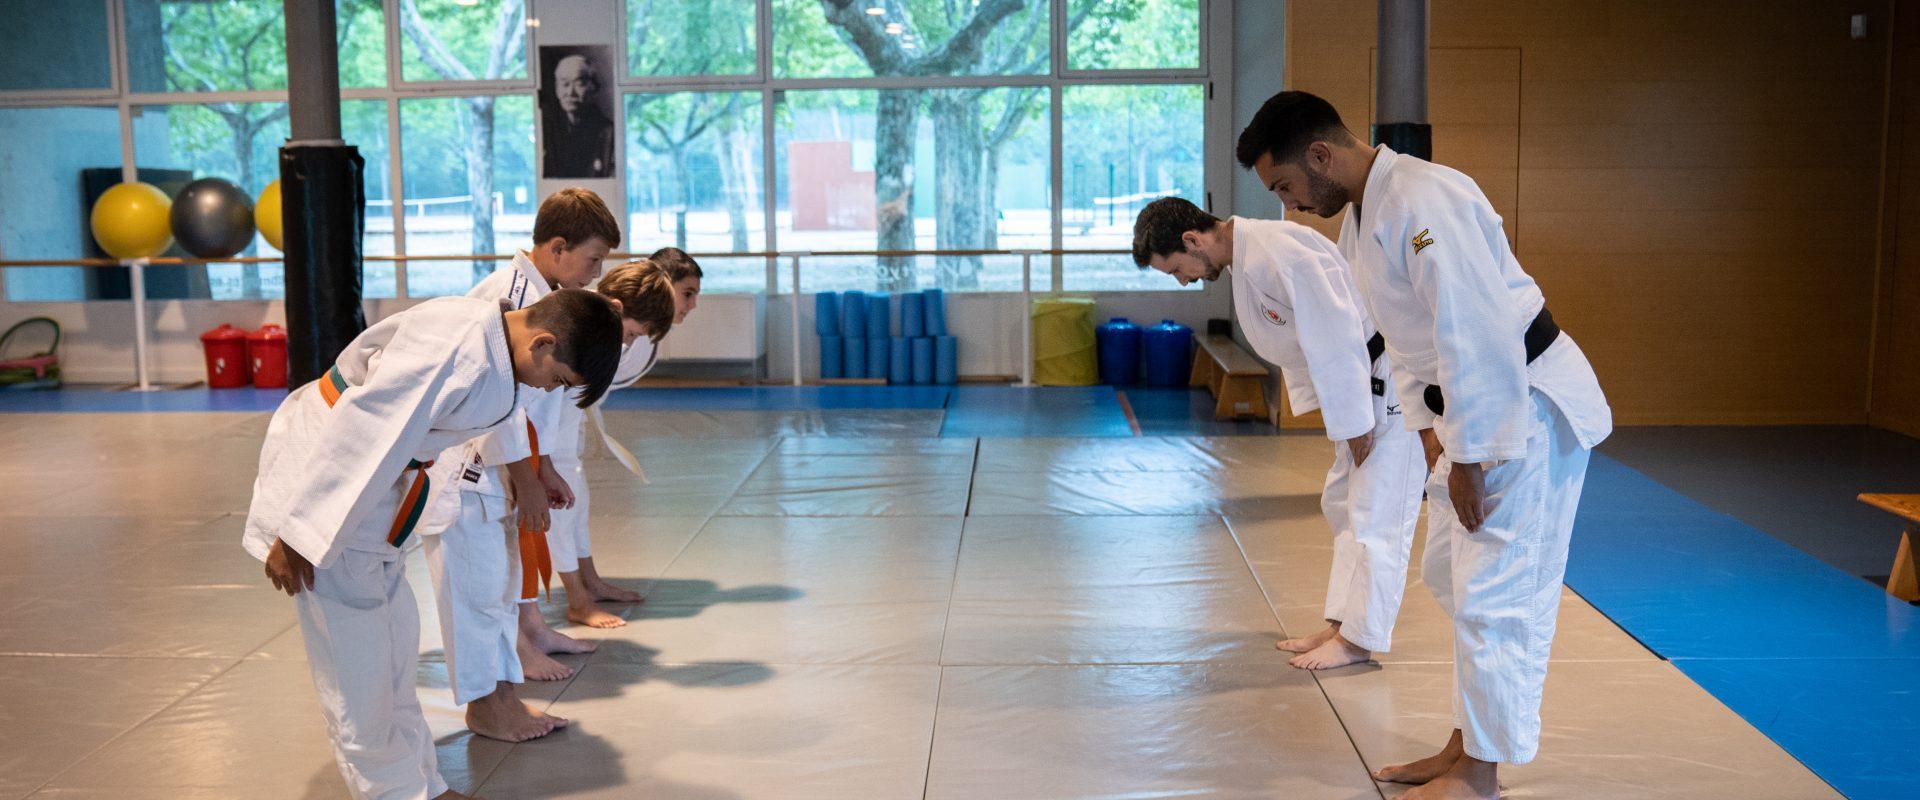 Profesores de judo y alumnos se saludan sobre el tatami